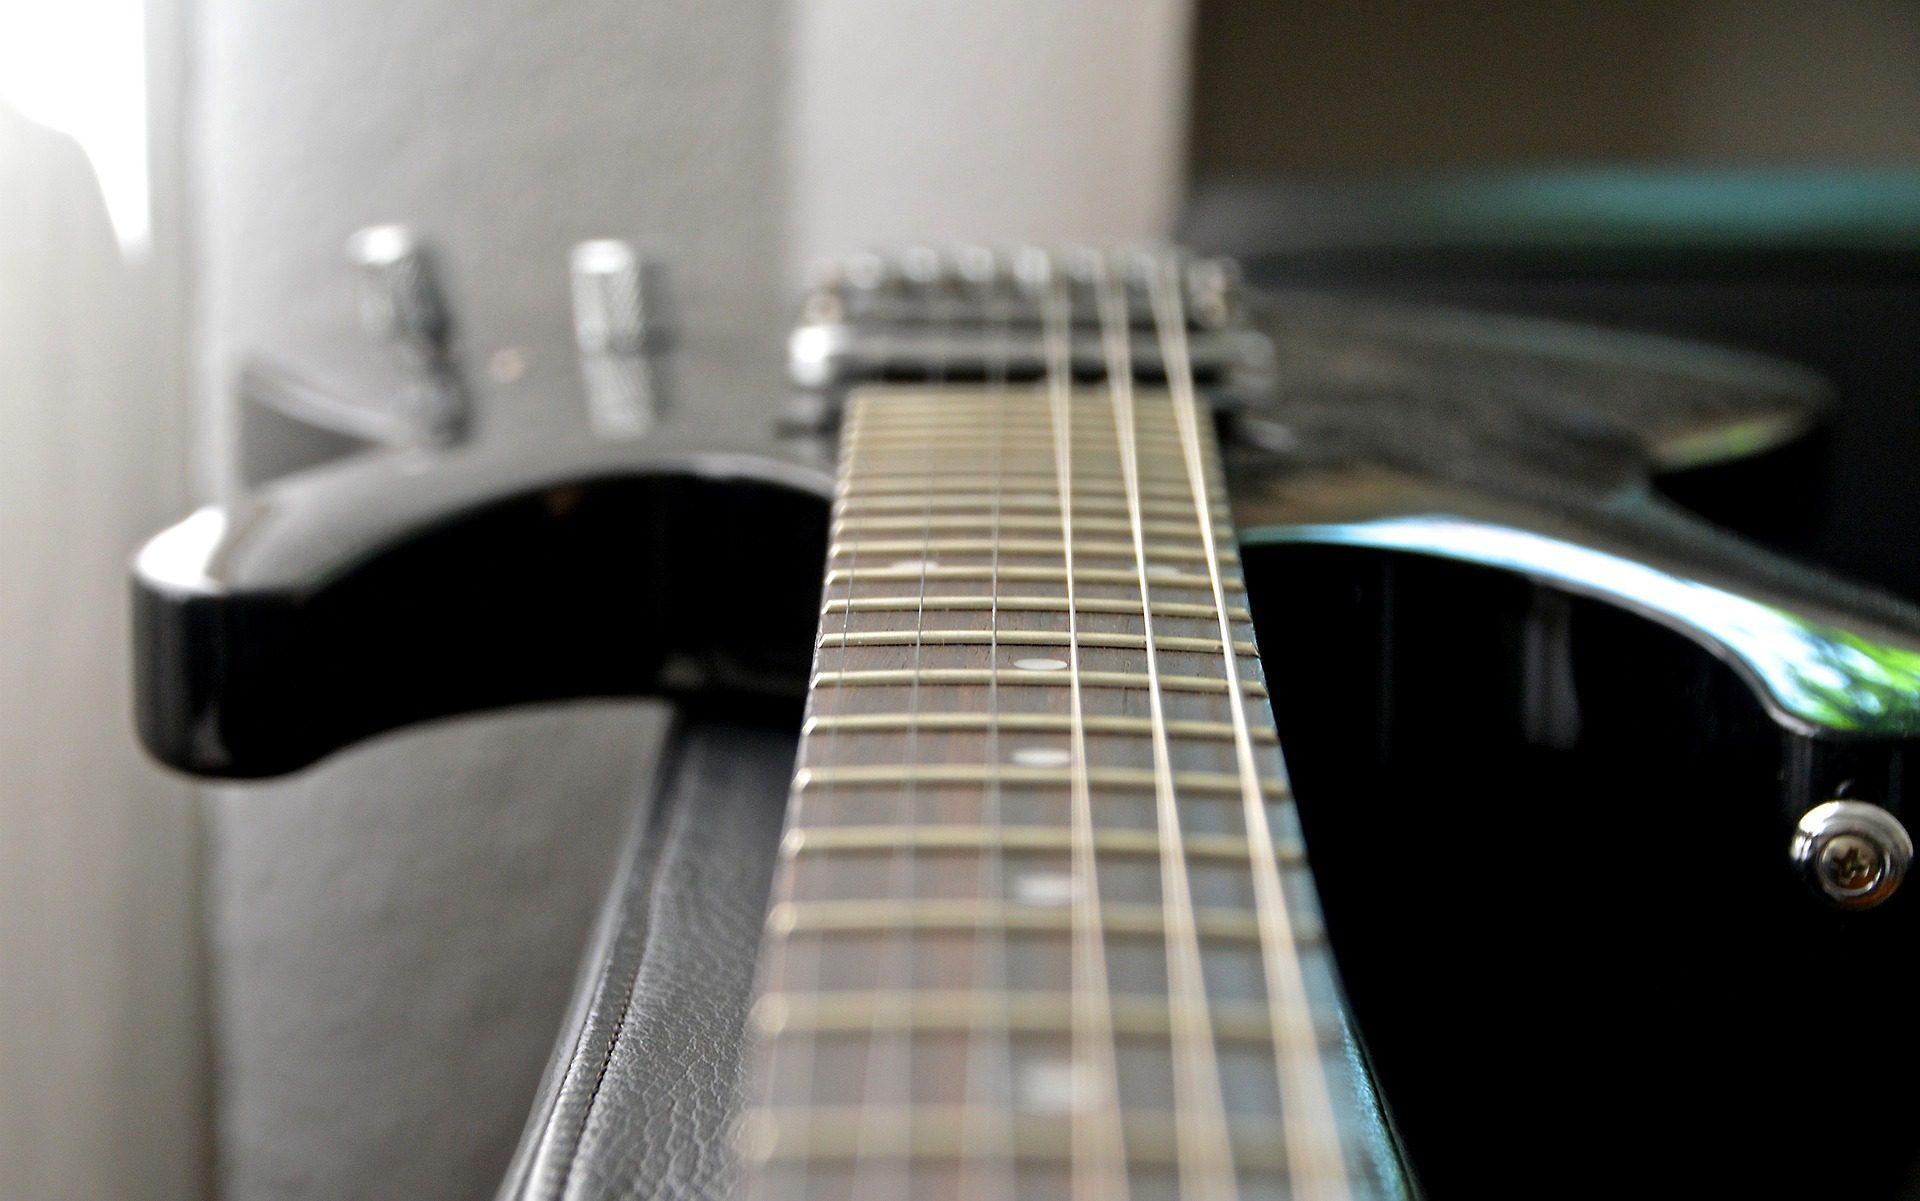 guitarra, eléctrica, cuerdas, mástil, instrumento - Fondos de Pantalla HD - professor-falken.com